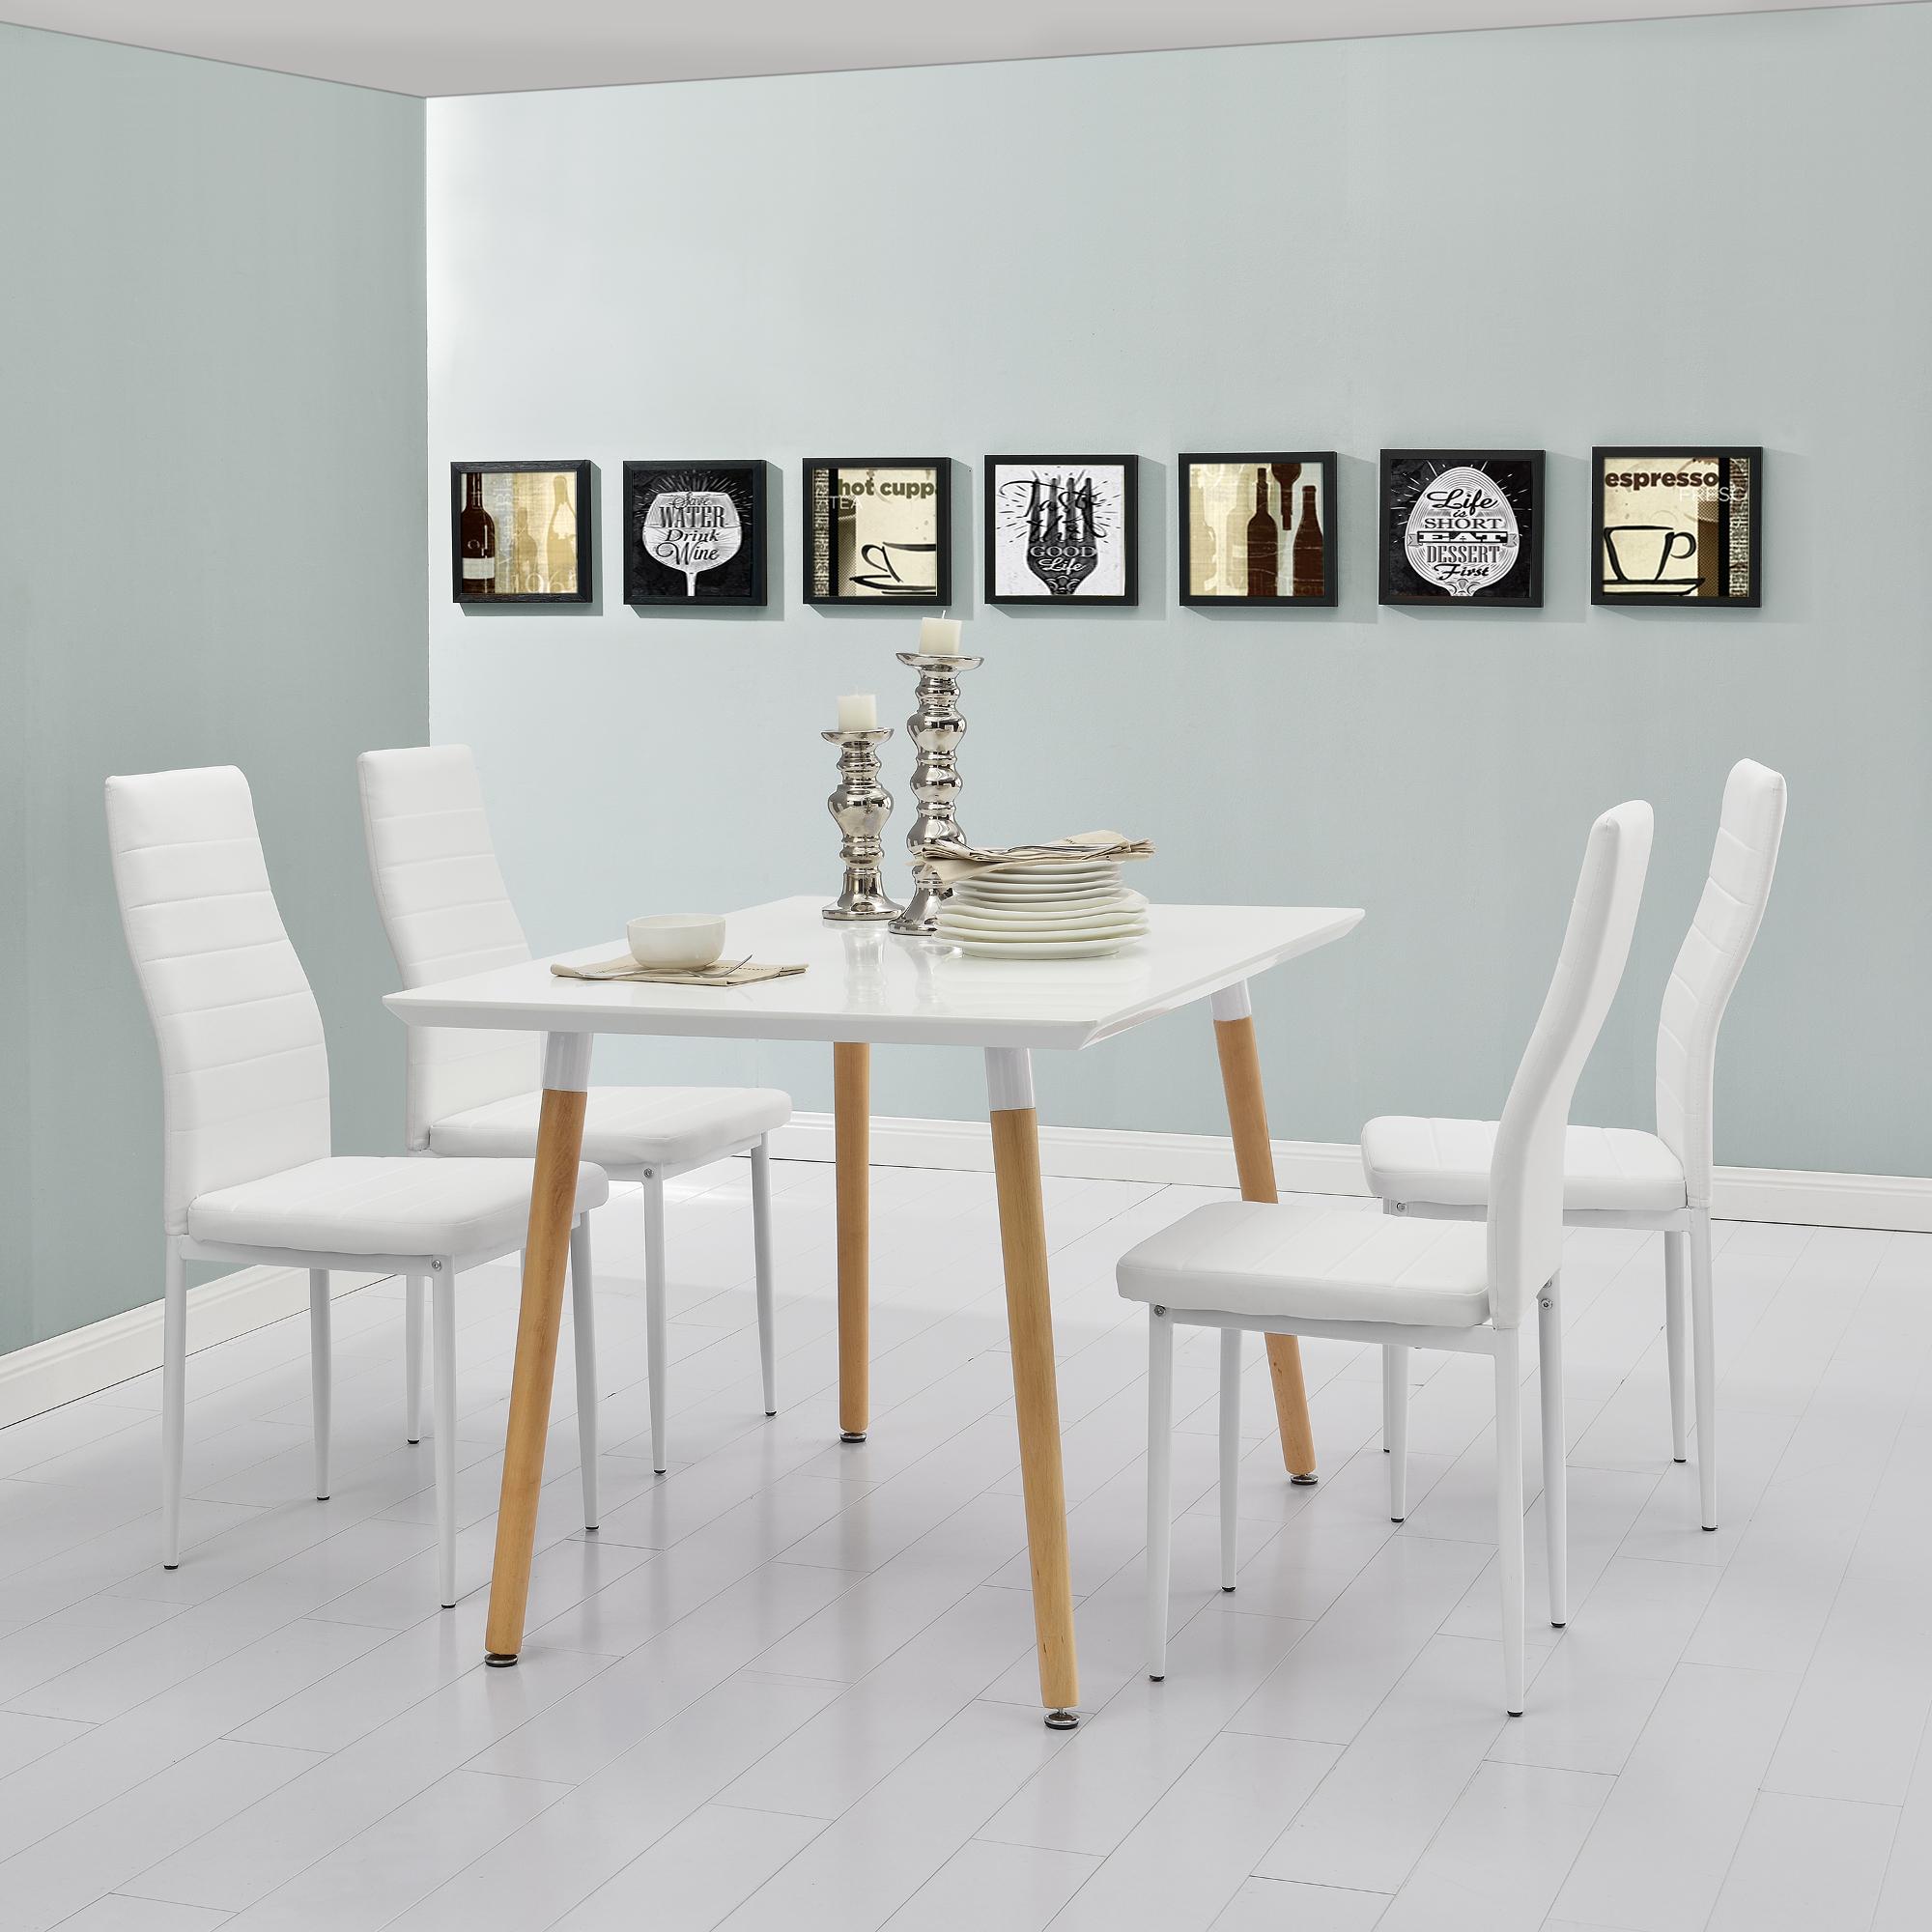 Tavolo da pranzo con 4 sedie bianco 120x70cm tavolo da cucina pranzo ebay - Tavolo cucina 120 x 70 ...